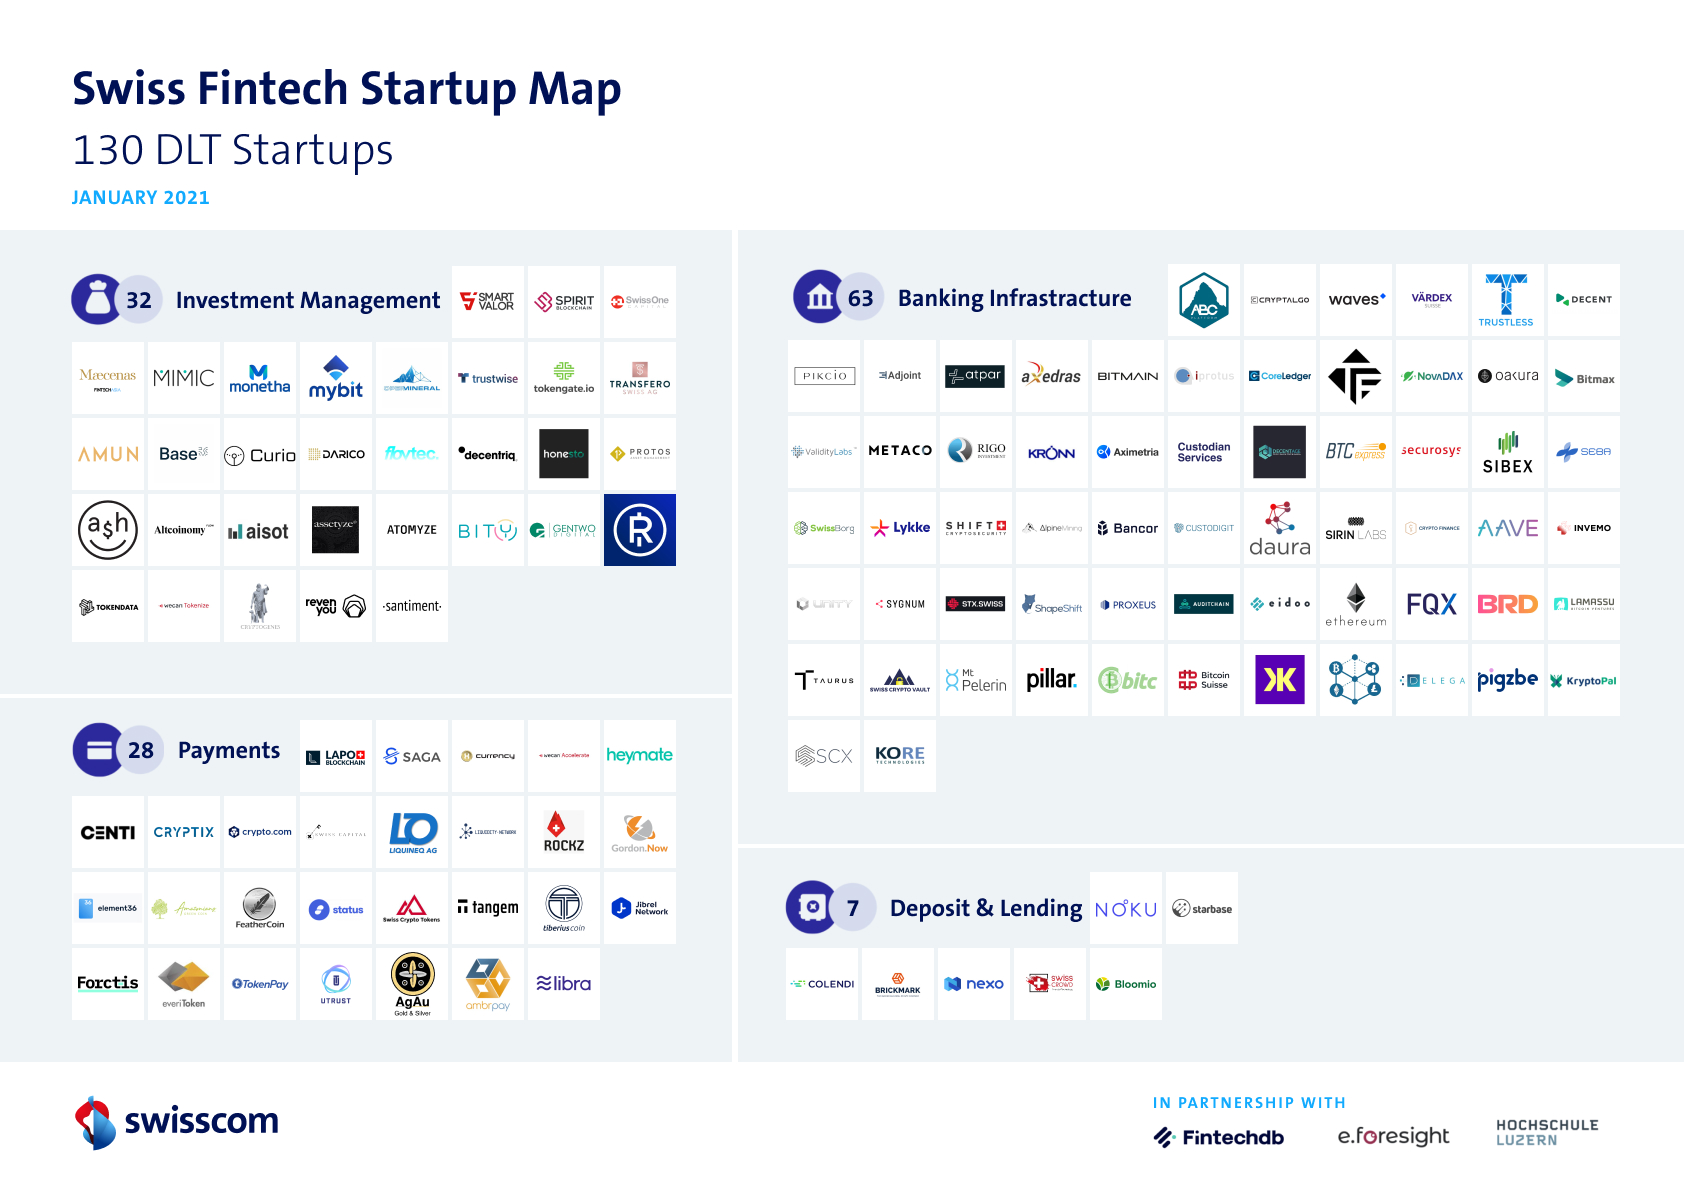 Swiss DLT startups vertical distribution, Swiss Fintech Startup Map, Swisscom, January 2021